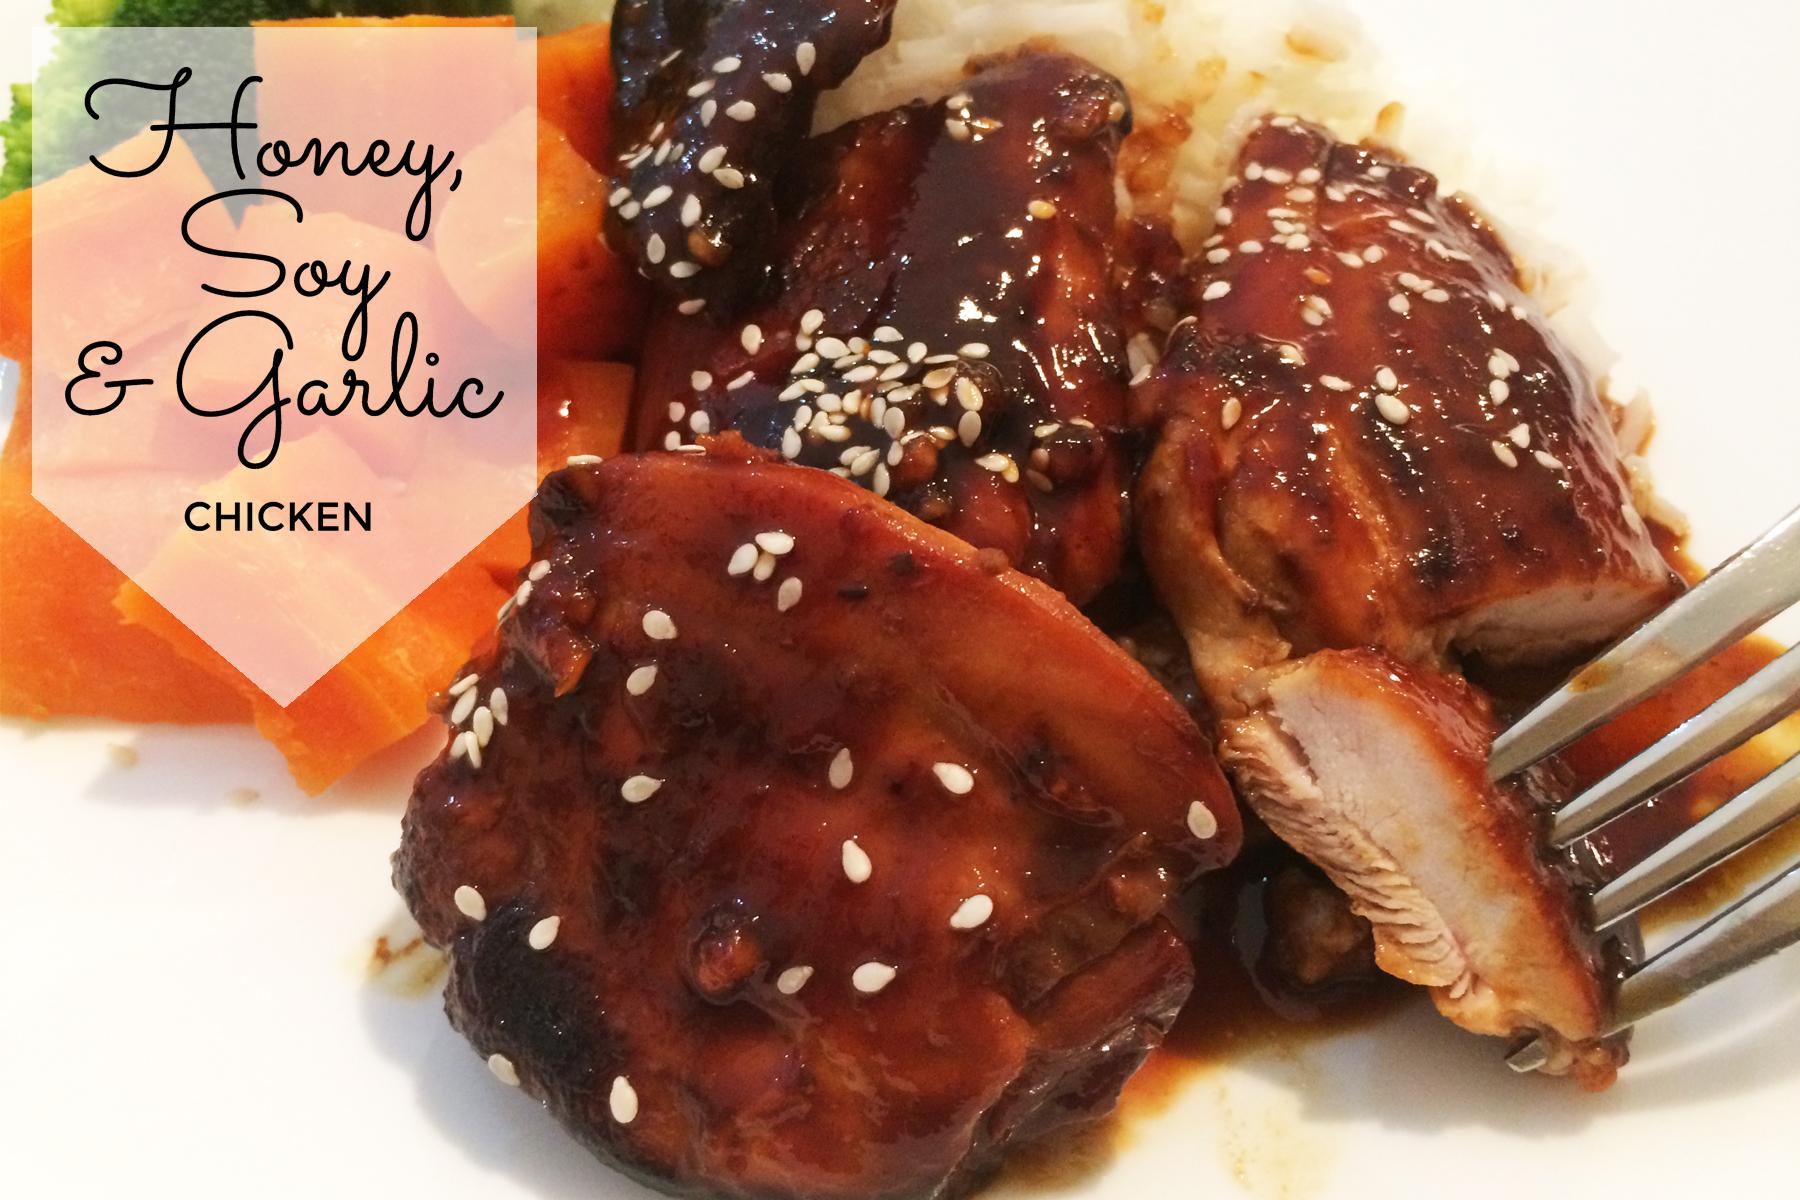 Honey Soy Garlic Chicken